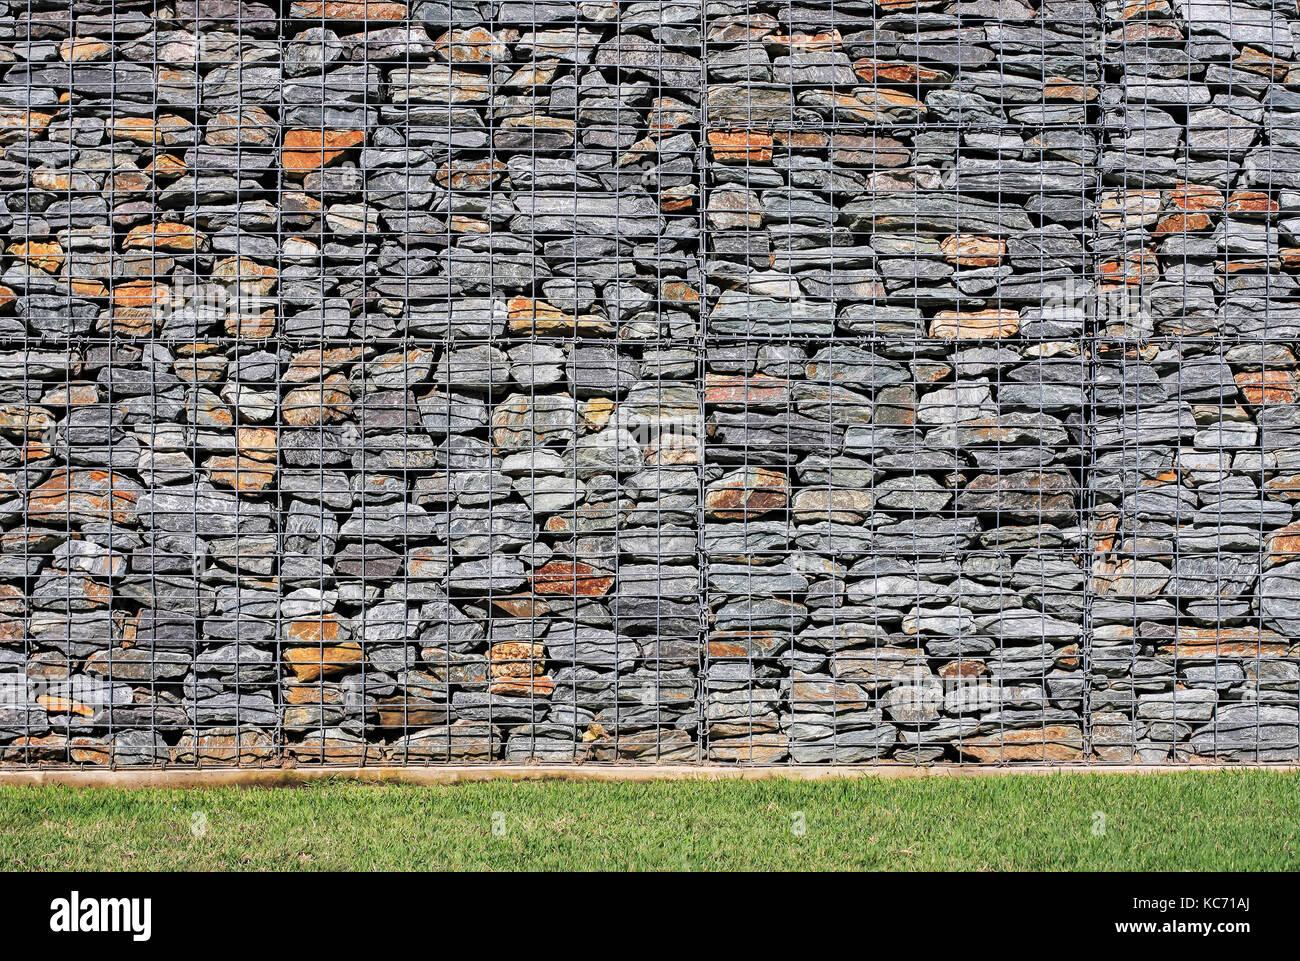 Gabionen Stutzmauer Selber Bauen Gabionen Steinmauern Ohne Versatz